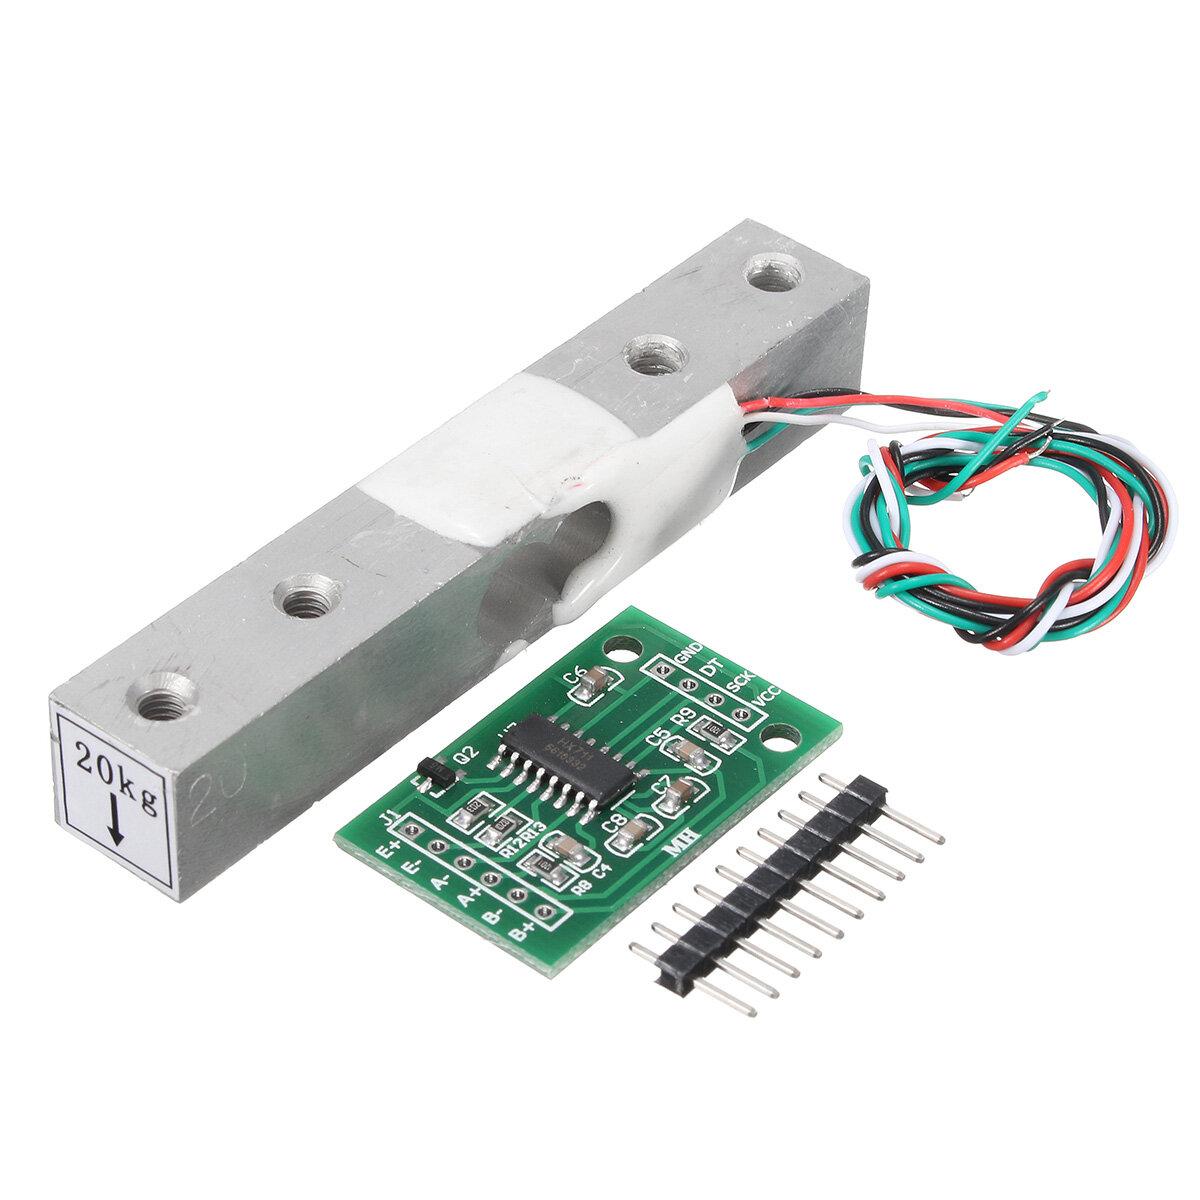 Картинка - HX711 шкала модуль + 20кг из алюминиевого сплава весом комплект тензодатчика датчика для Arduino